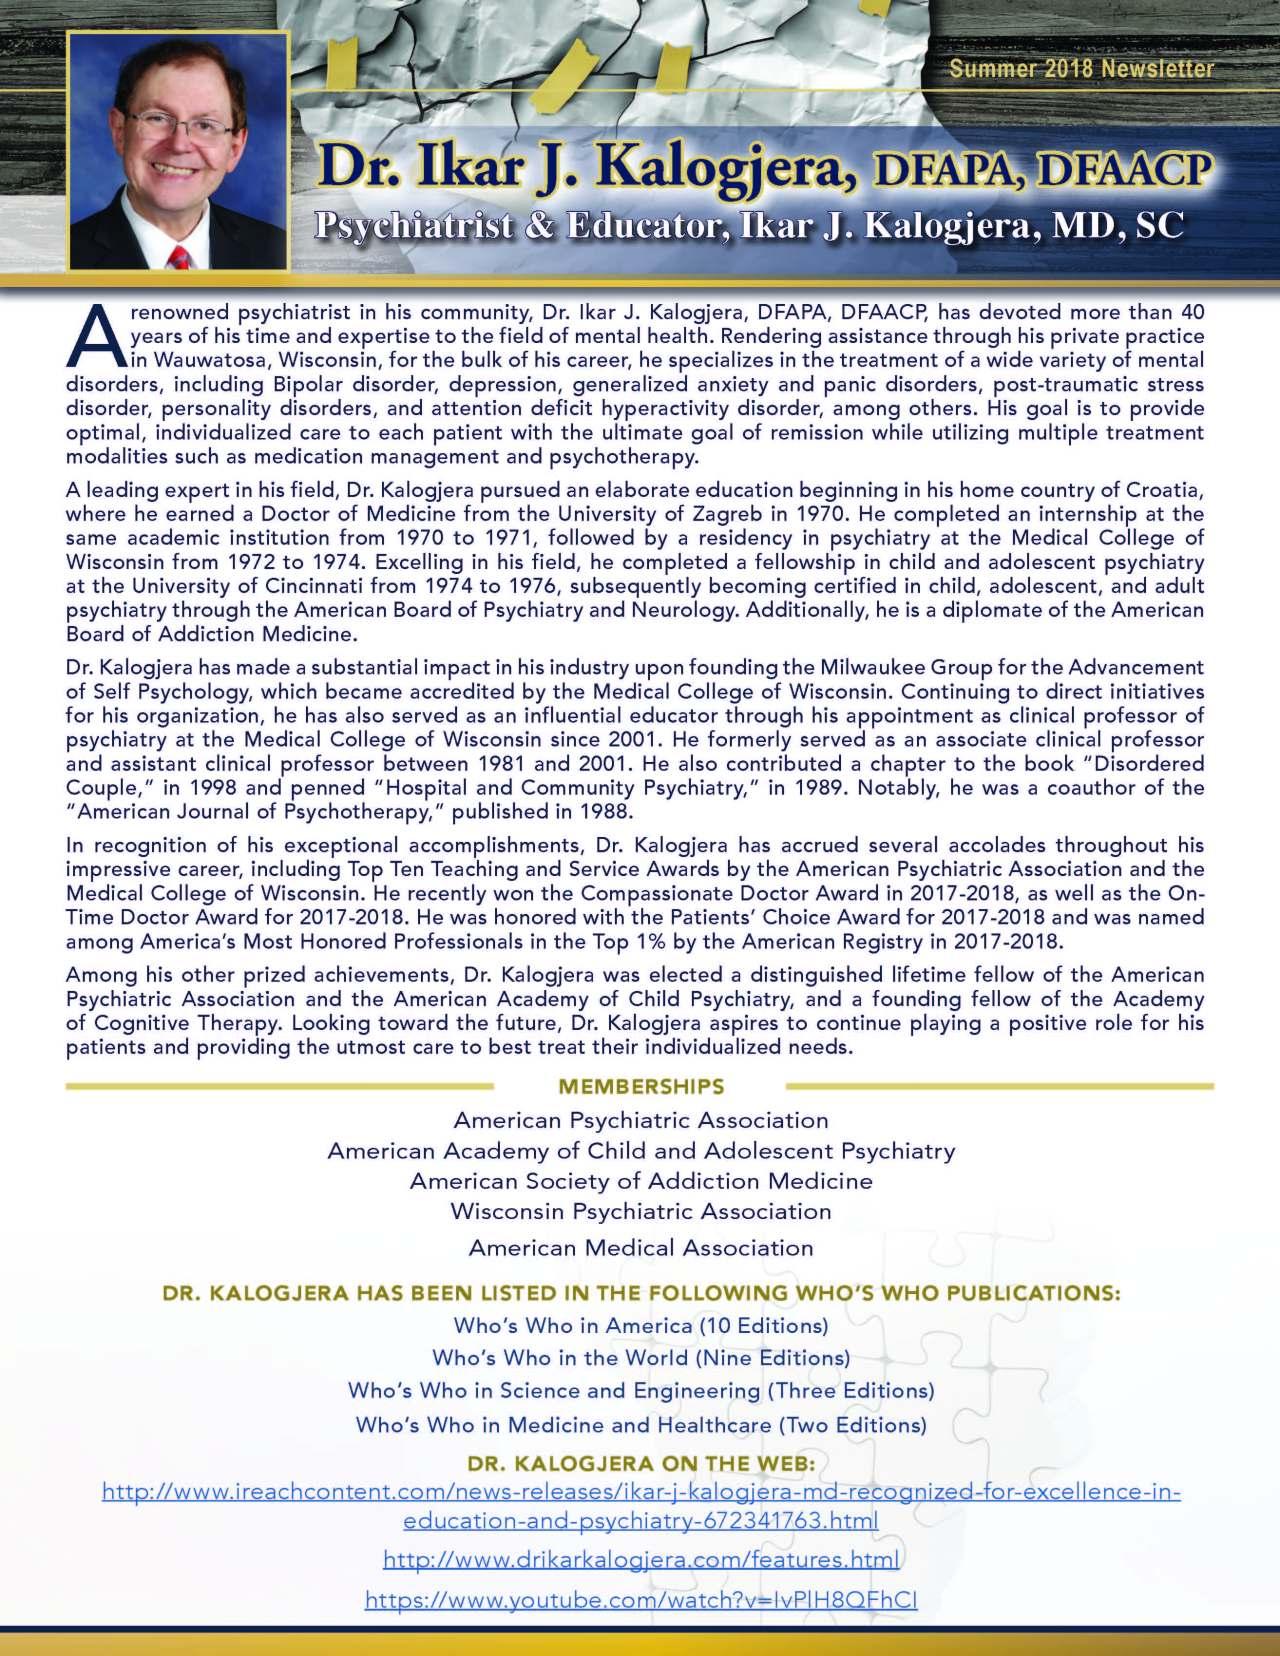 Kalogjera, Ikar 2131710_32304837 Newsletter REVISED